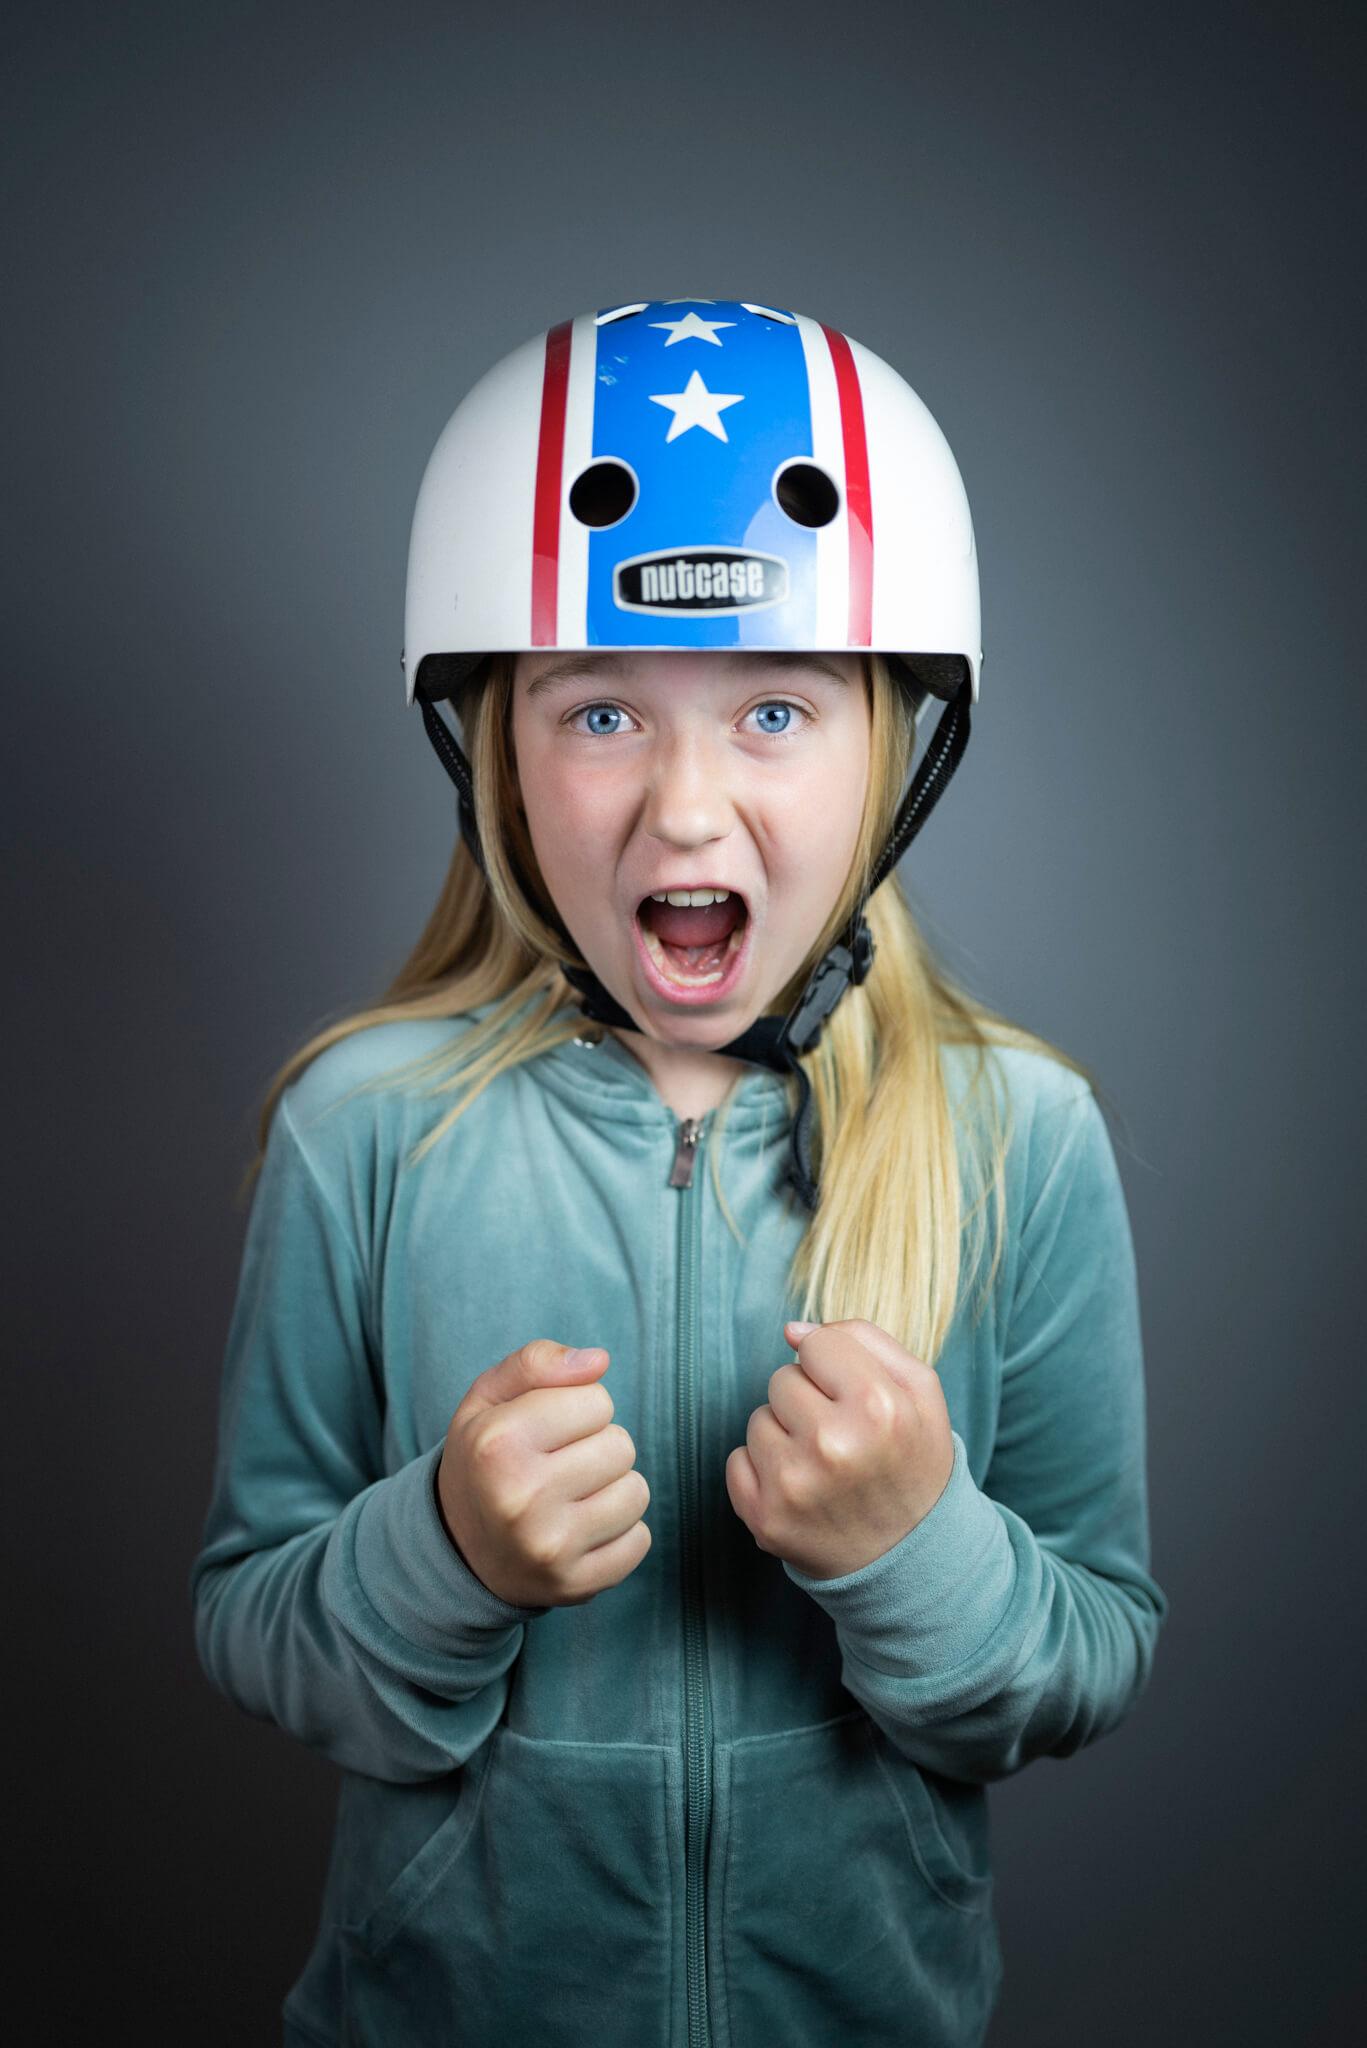 pige med cykelhjelm på